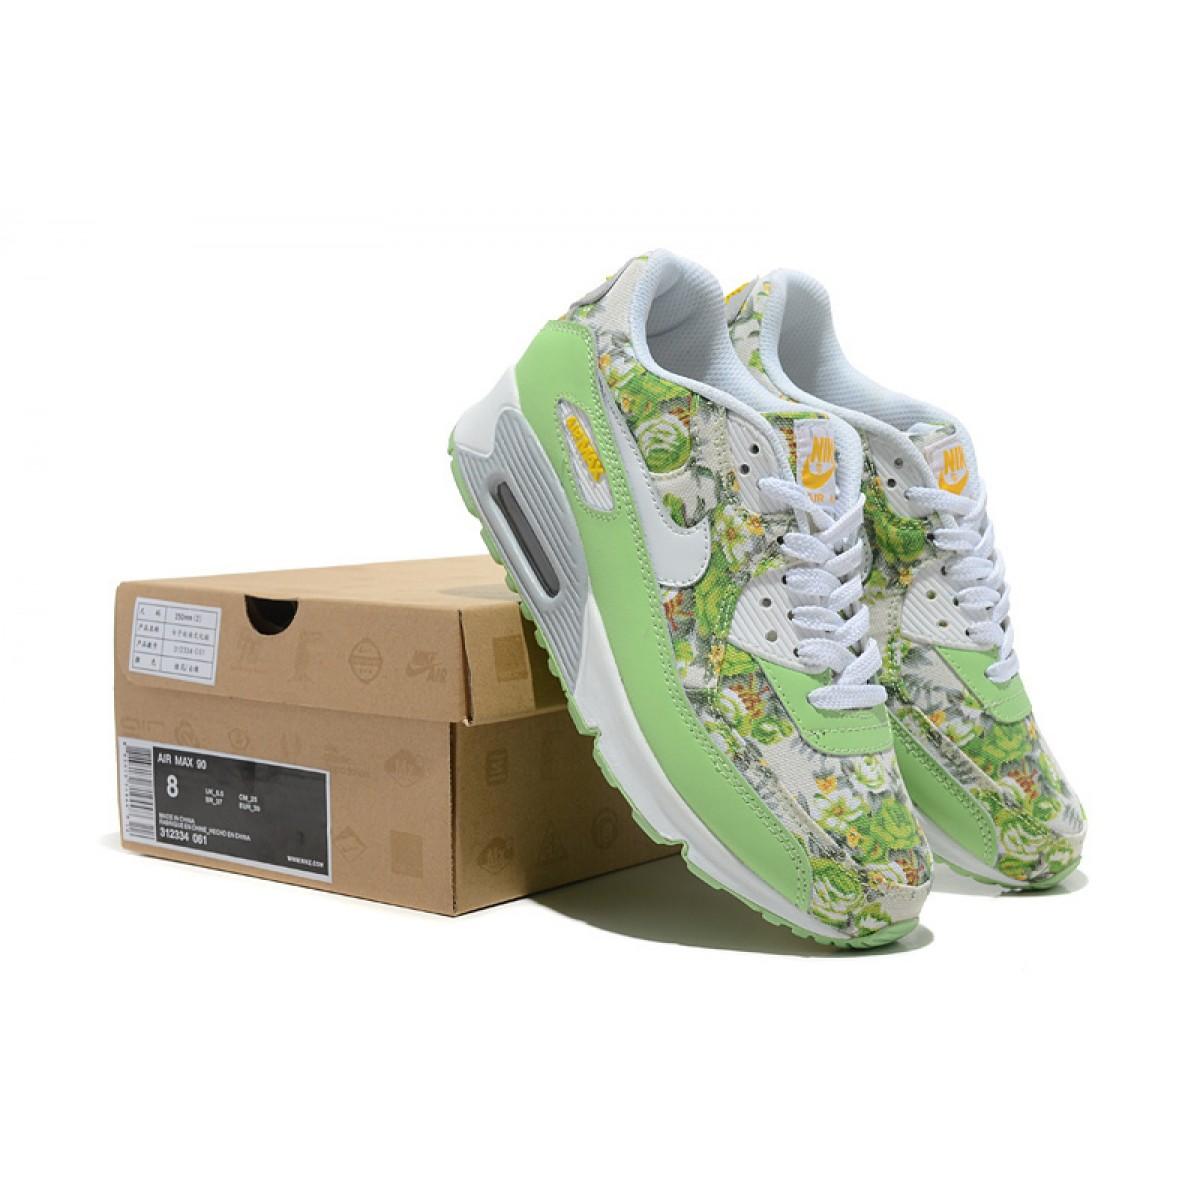 sports shoes 3ba4e 7ae4e new style achat vente produits nike air max 90 femme fleurnike air max 90  femme c8146